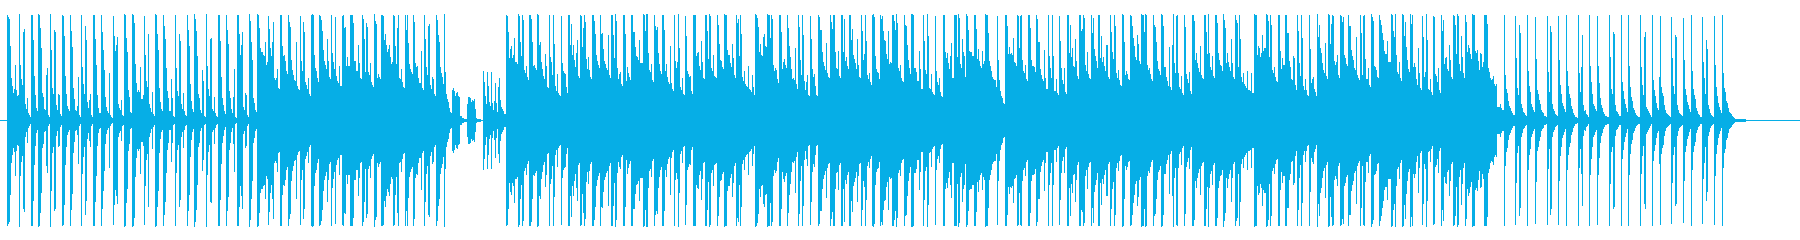 おしゃれで大人っぽいヒップホップ(短め)の再生済みの波形